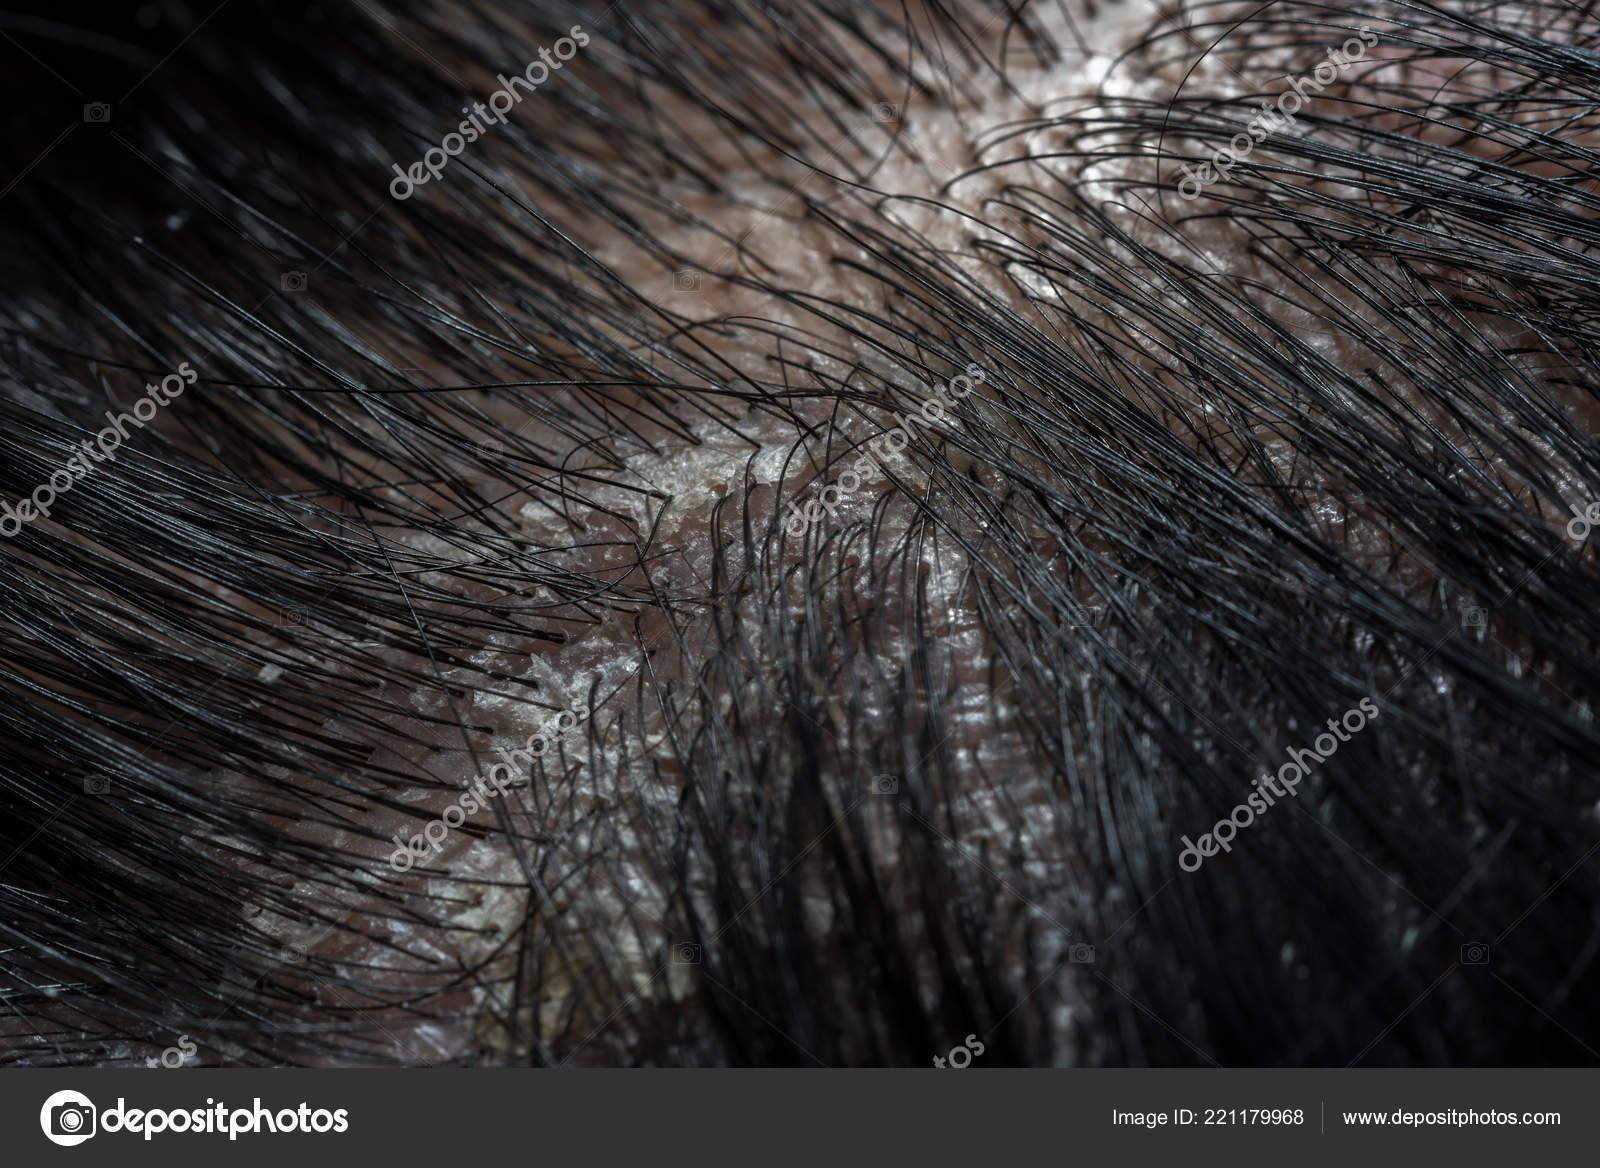 τριχωτό μαύροι μεγάλο μαύρο λεία μαύρο πουλί